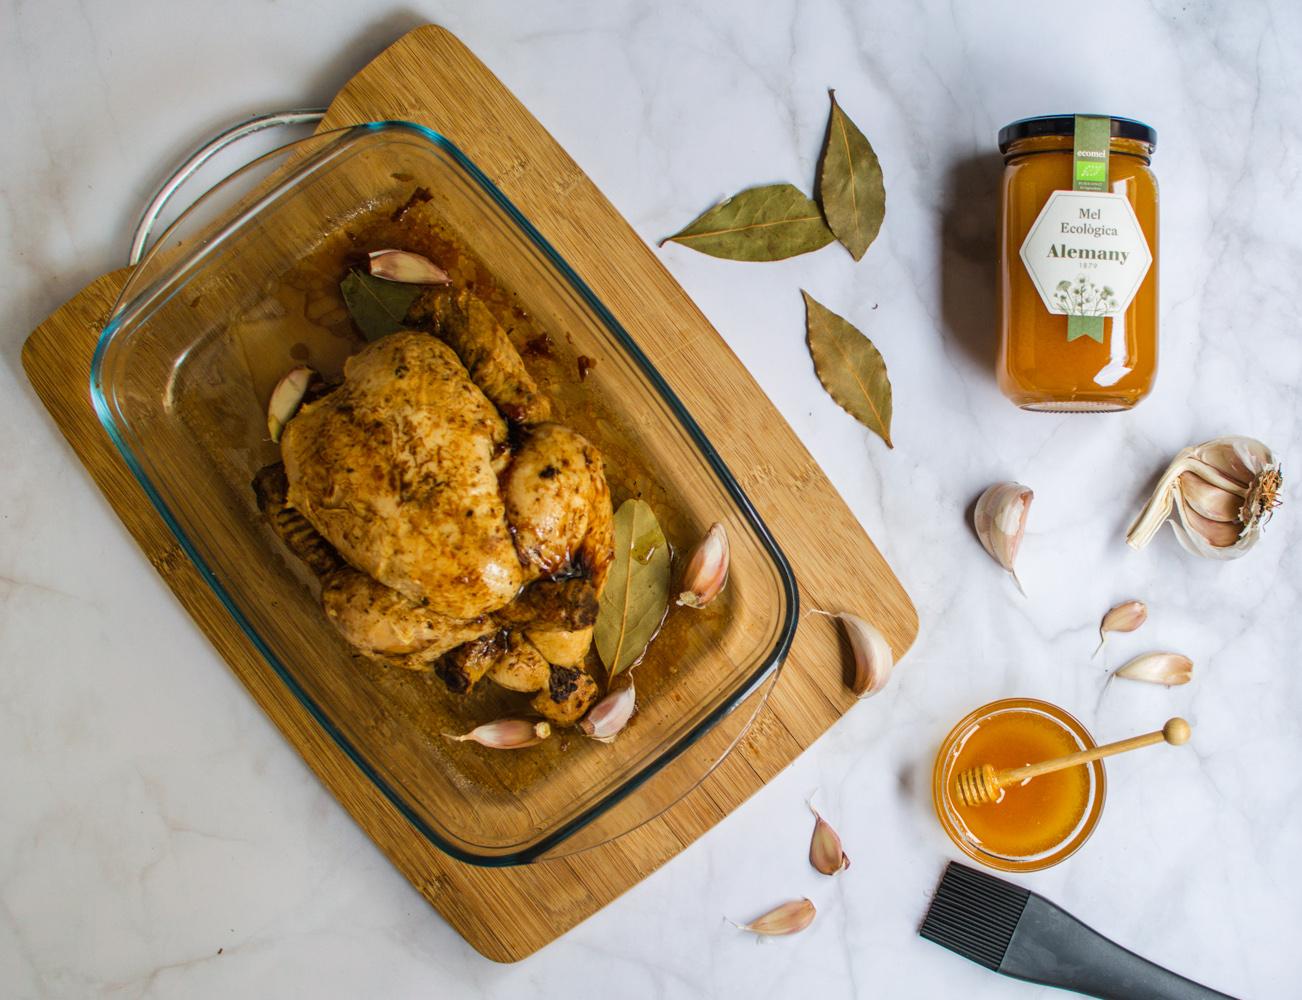 REceta Pollo asado al horno con miel ecológica Alemany